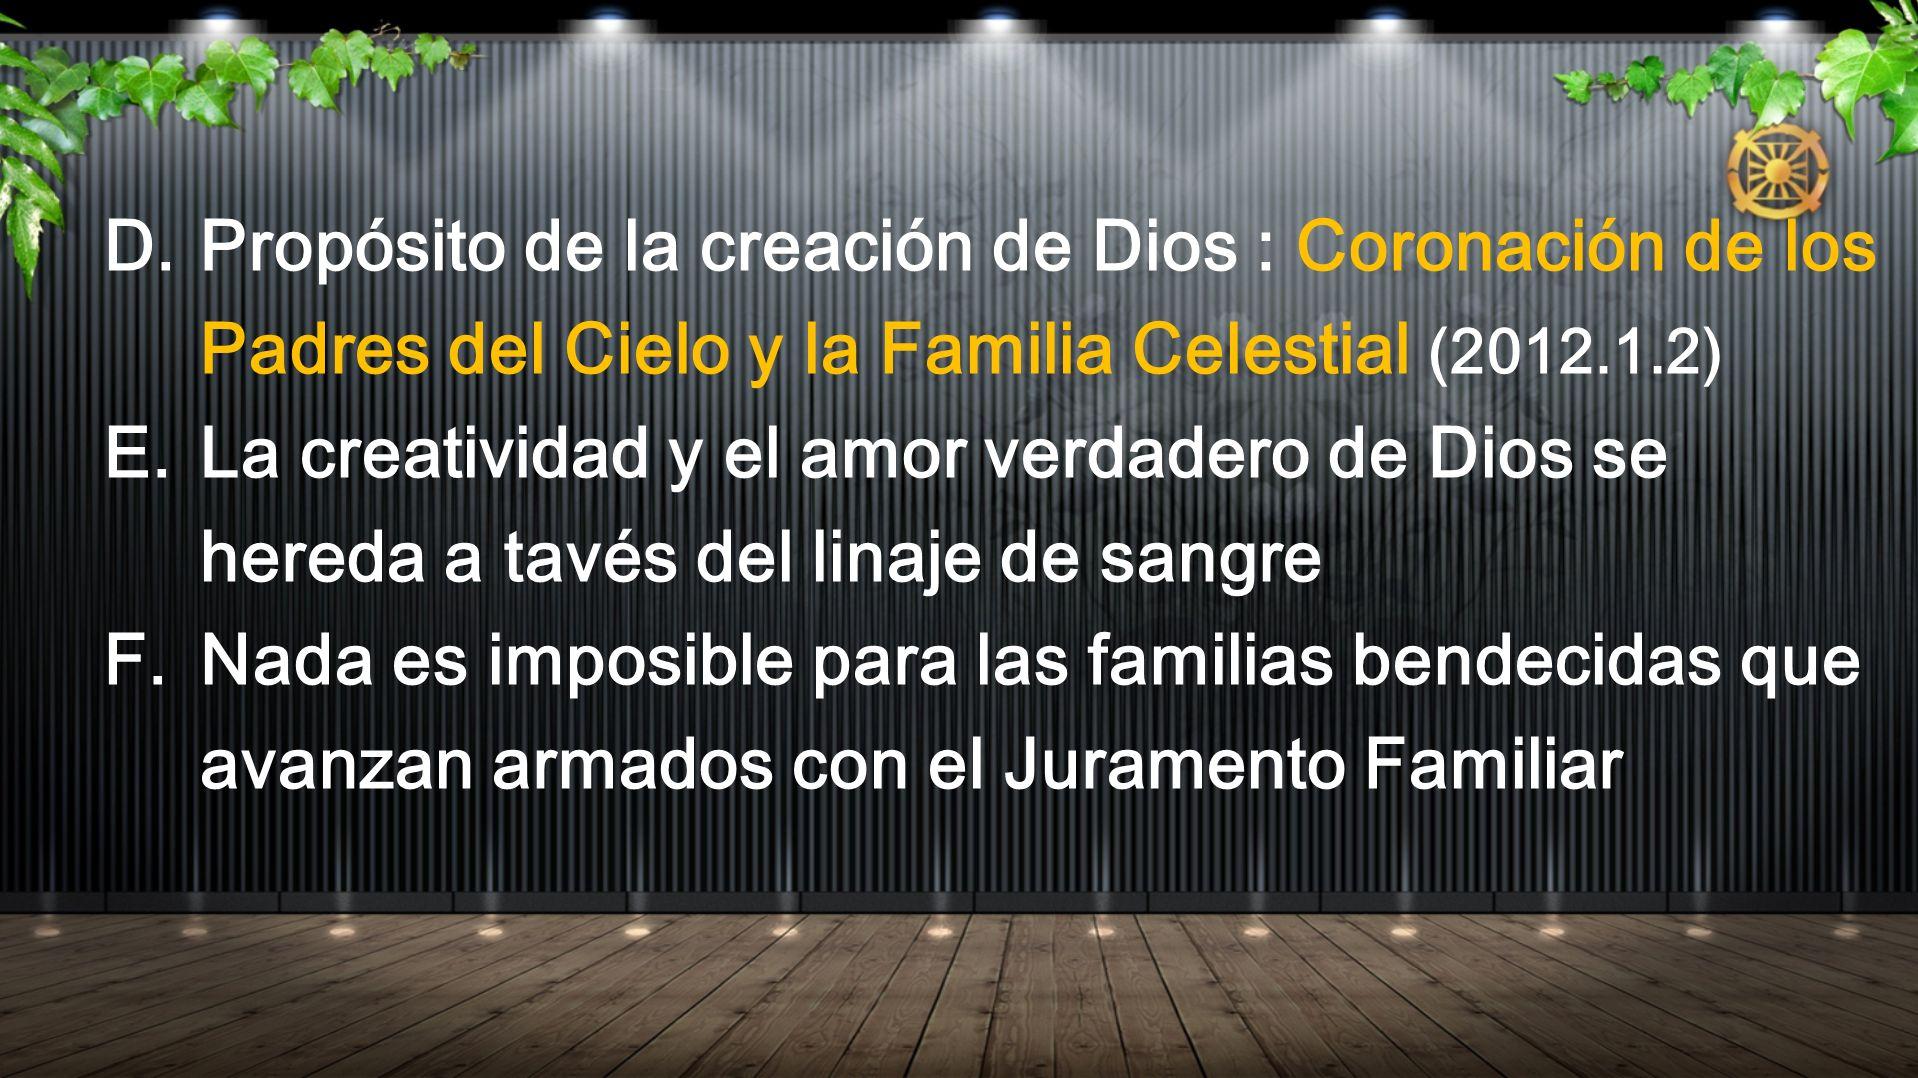 D. Propósito de la creación de Dios : Coronación de los Padres del Cielo y la Familia Celestial (2012.1.2) E.La creatividad y el amor verdadero de Dio